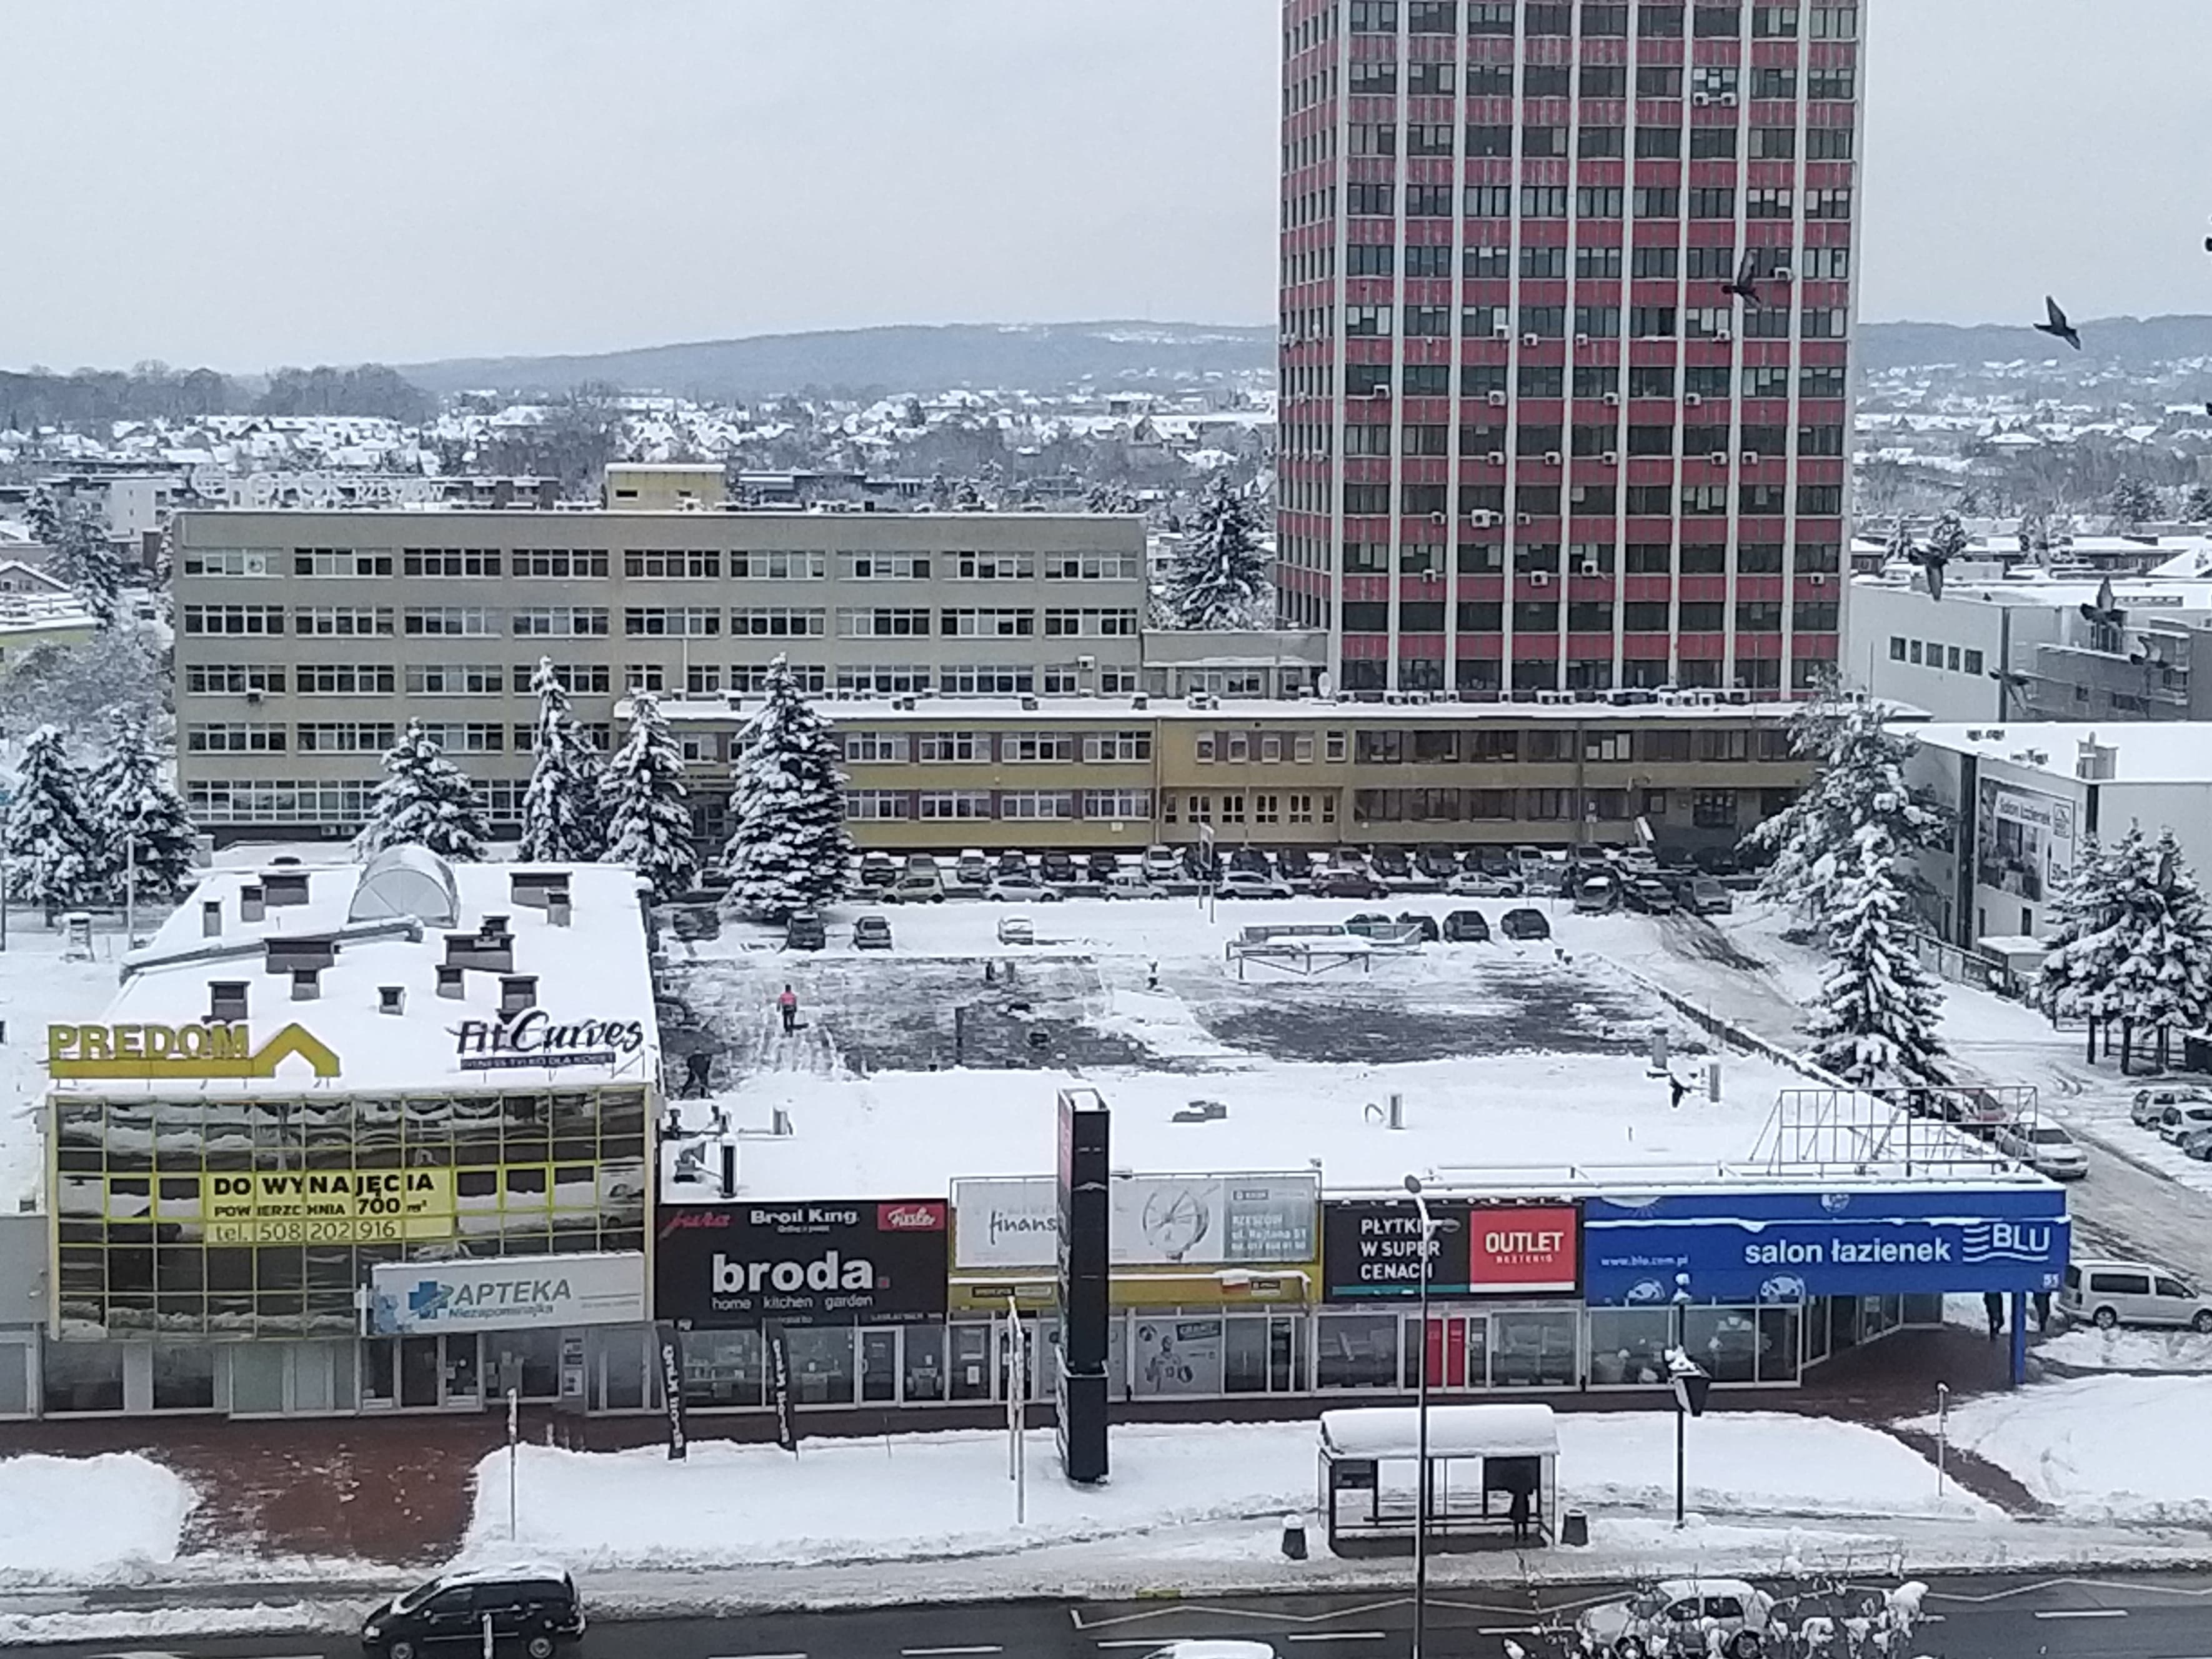 Katastrofa w Rzeszowie przypomniała o obowiązku usuwania śniegu z dachów - Zdjęcie główne